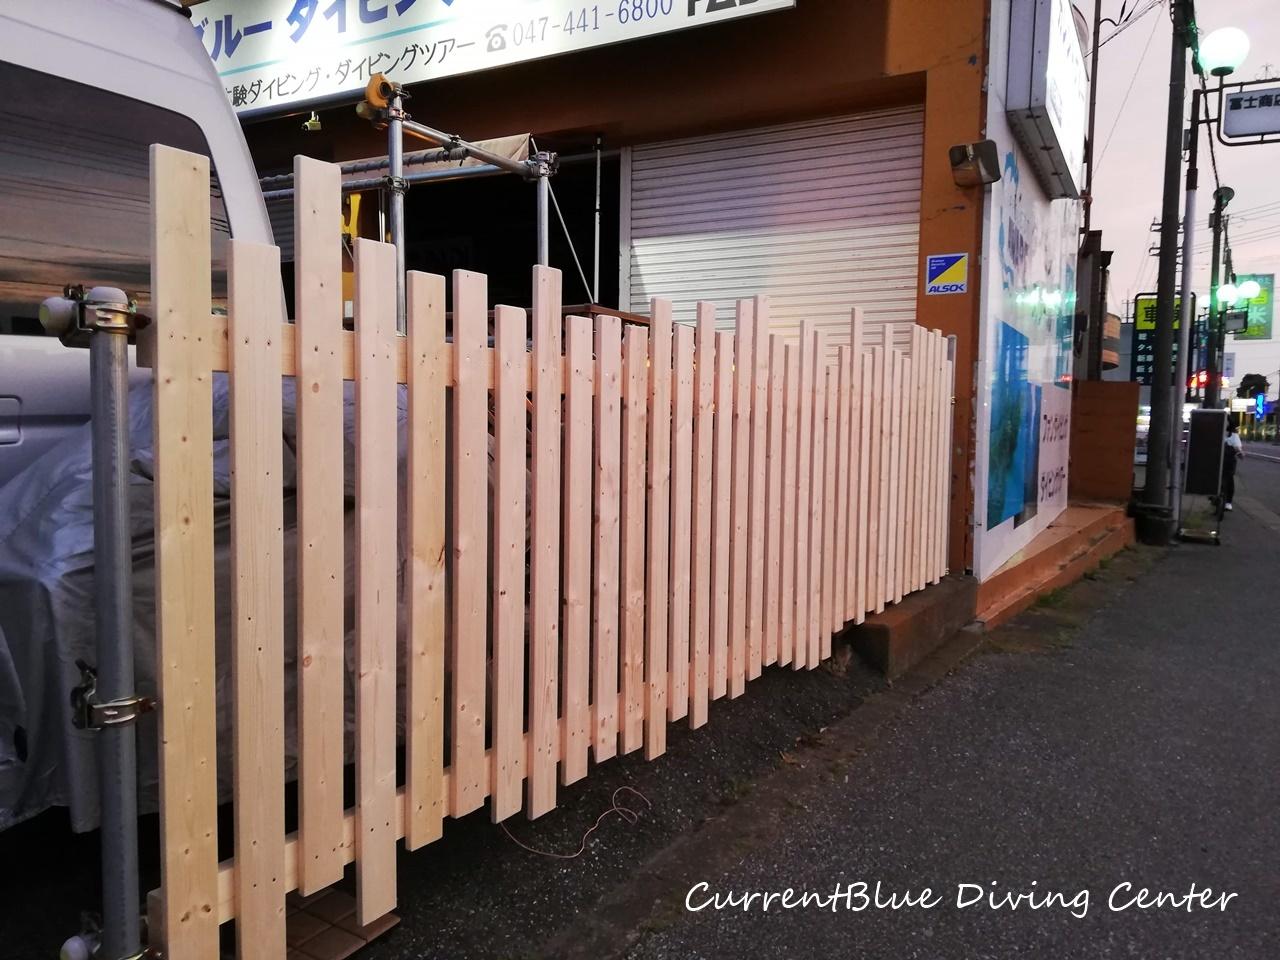 カレントブルー柵作成DIY (13)